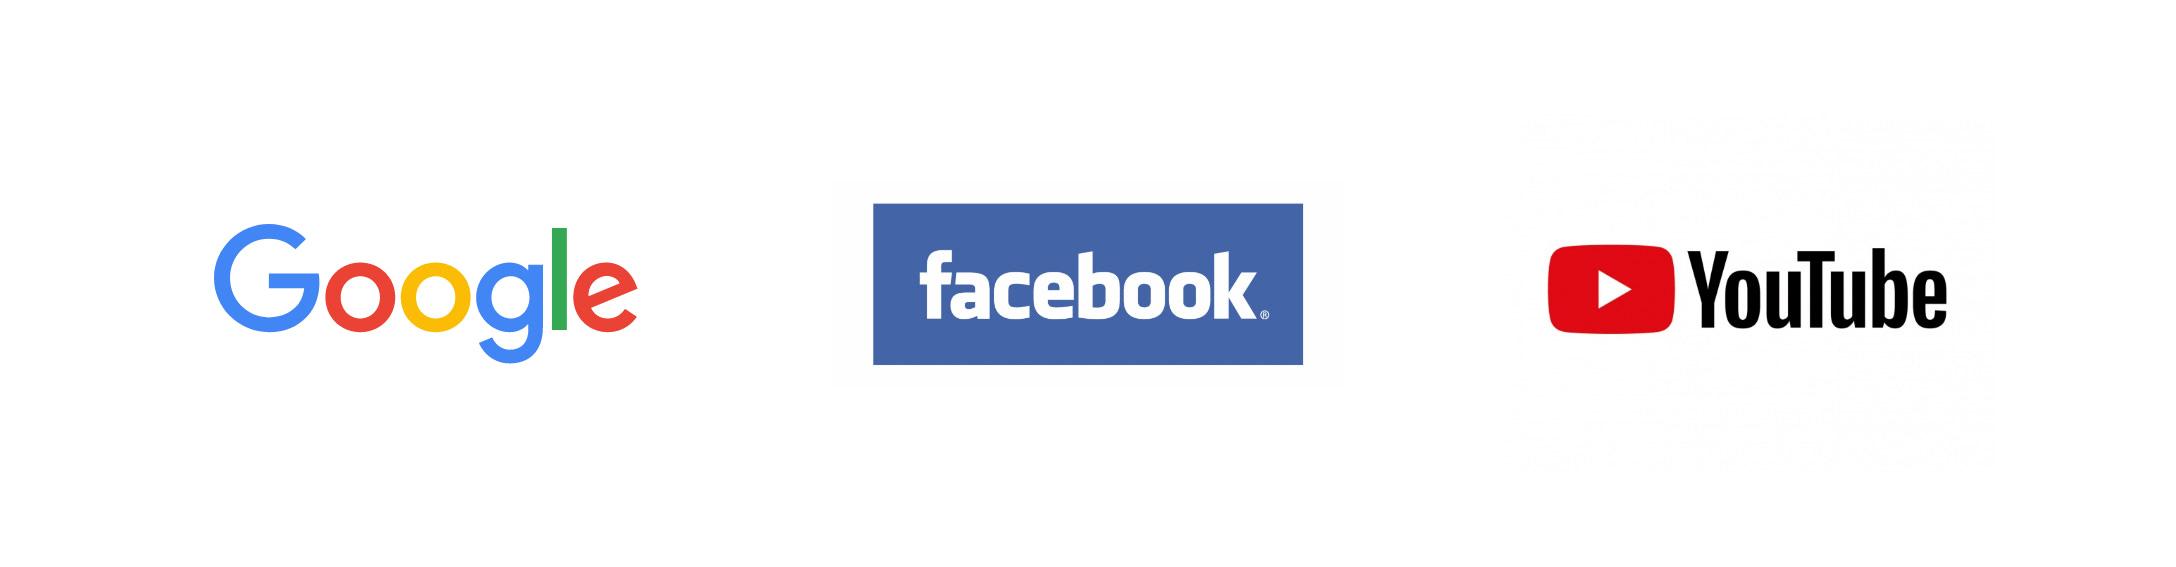 Logos von Google, Facebook und Youtube